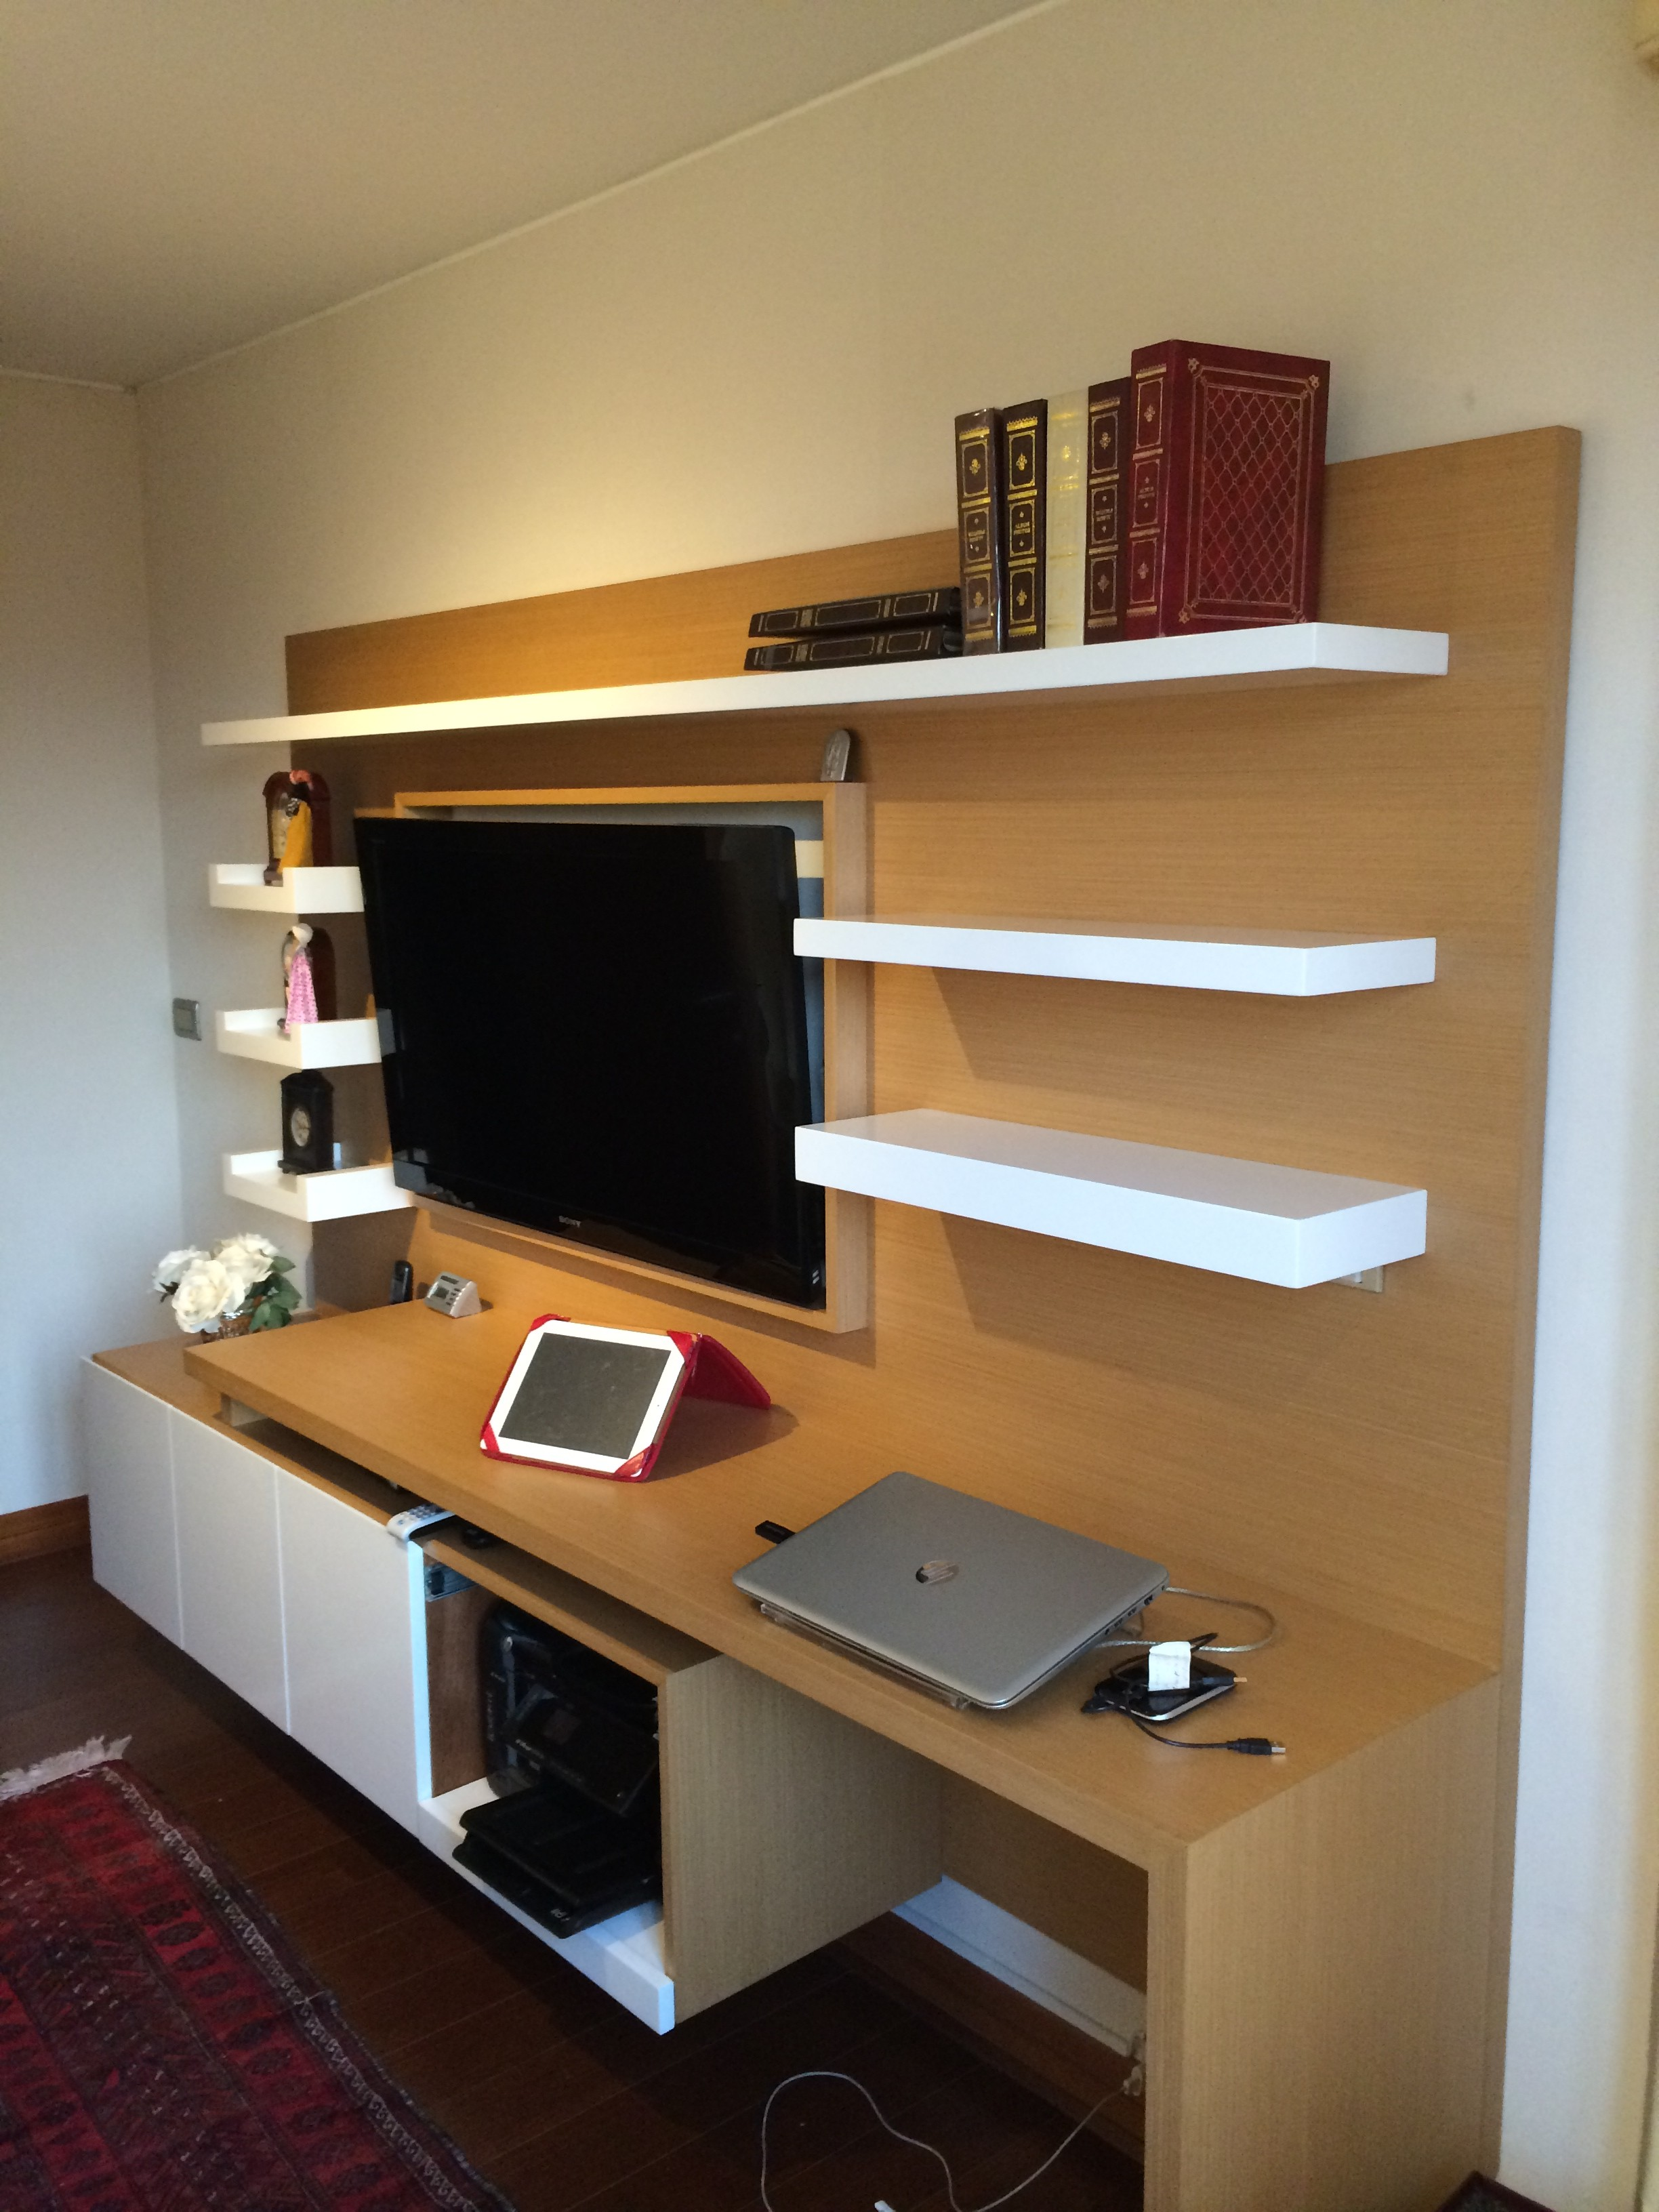 Mueble television ferrari muebles y espacios for Mueble tv dormitorio